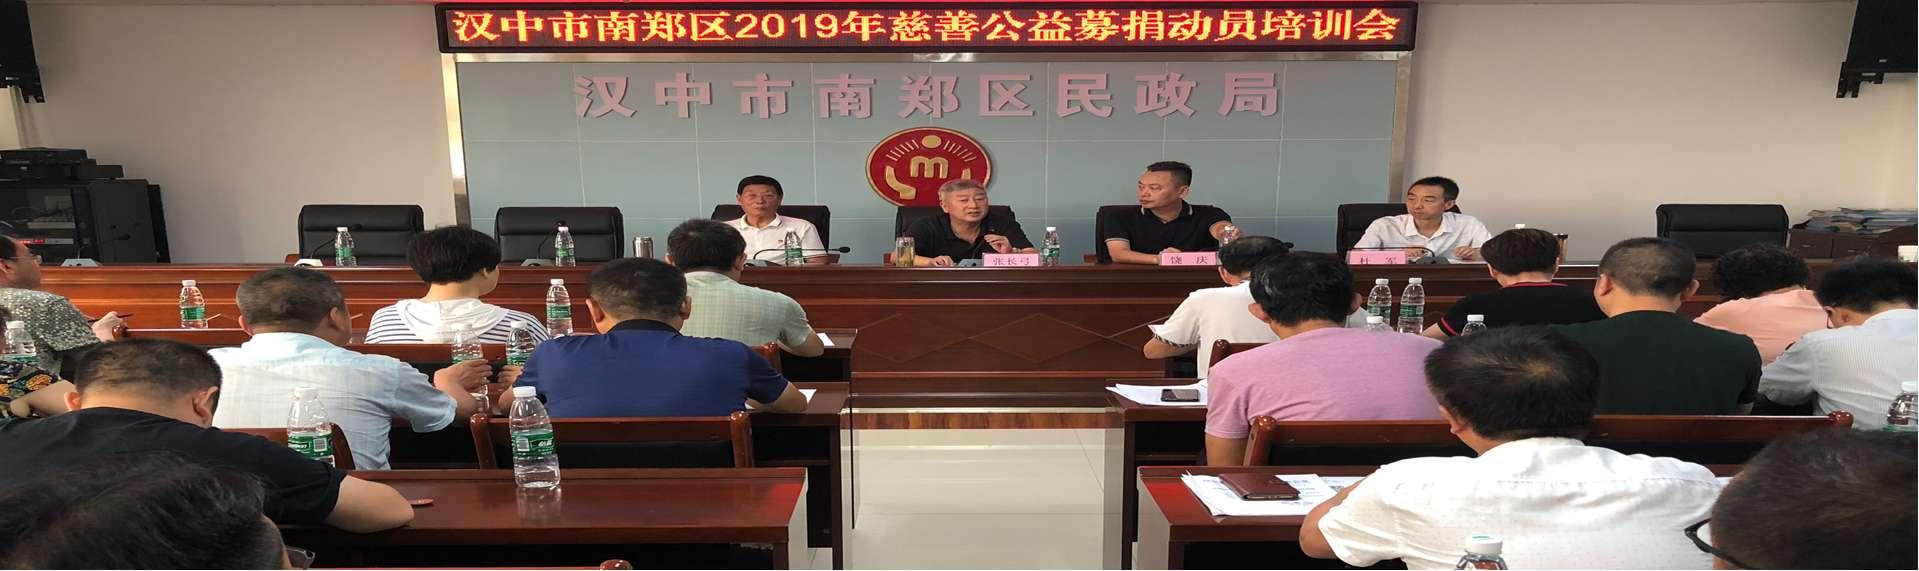 南郑区召开慈善公益募捐动员培训会